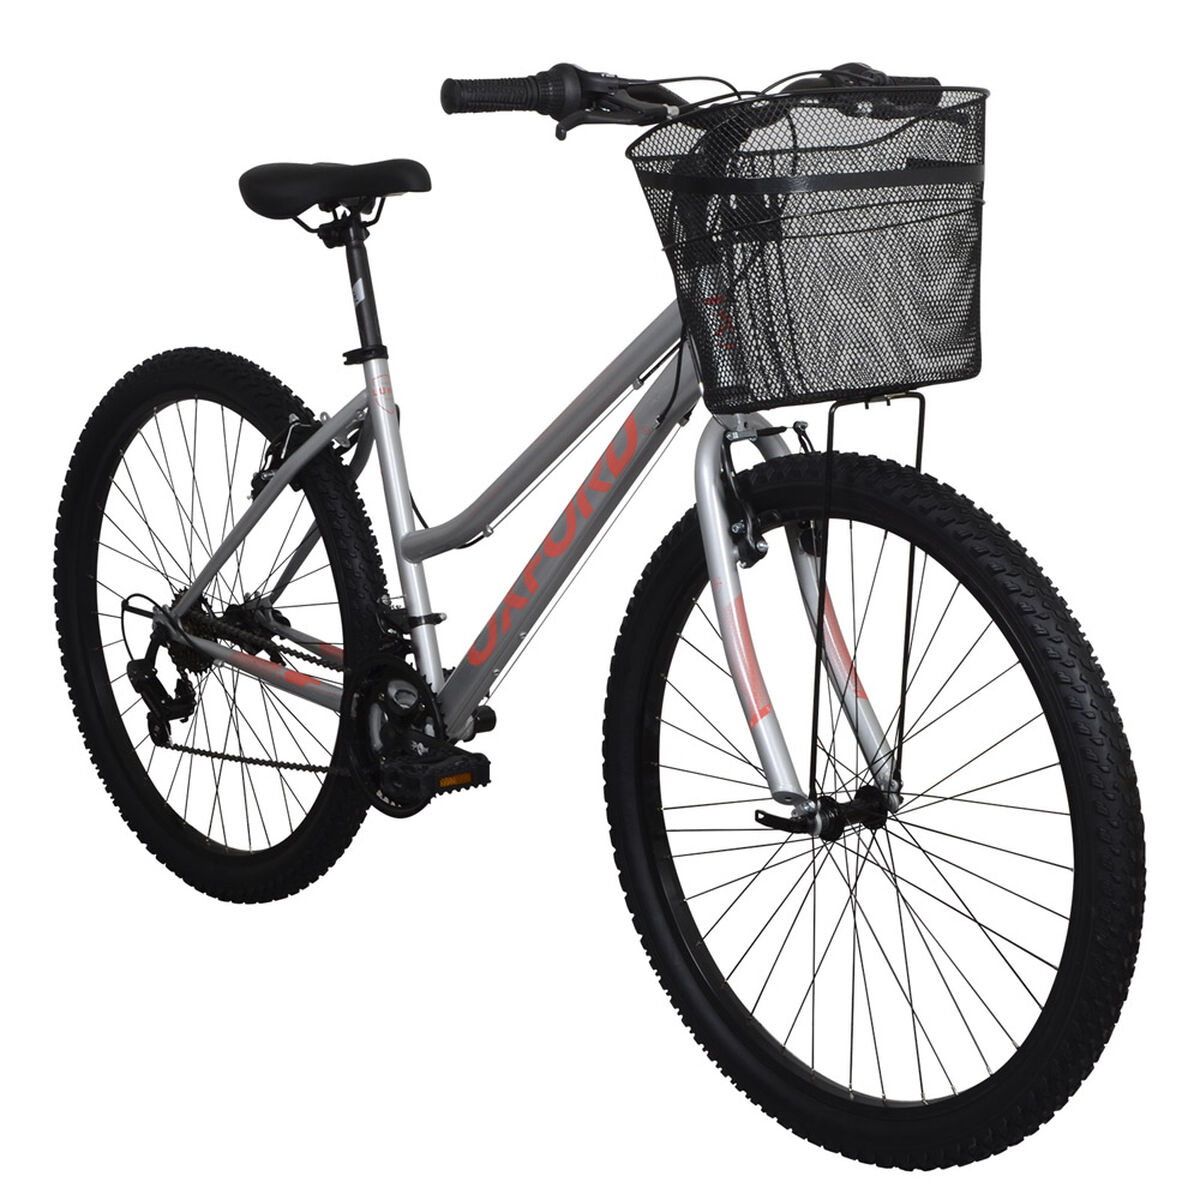 Bicicleta de Paseo Oxford Luna Aro 27.5